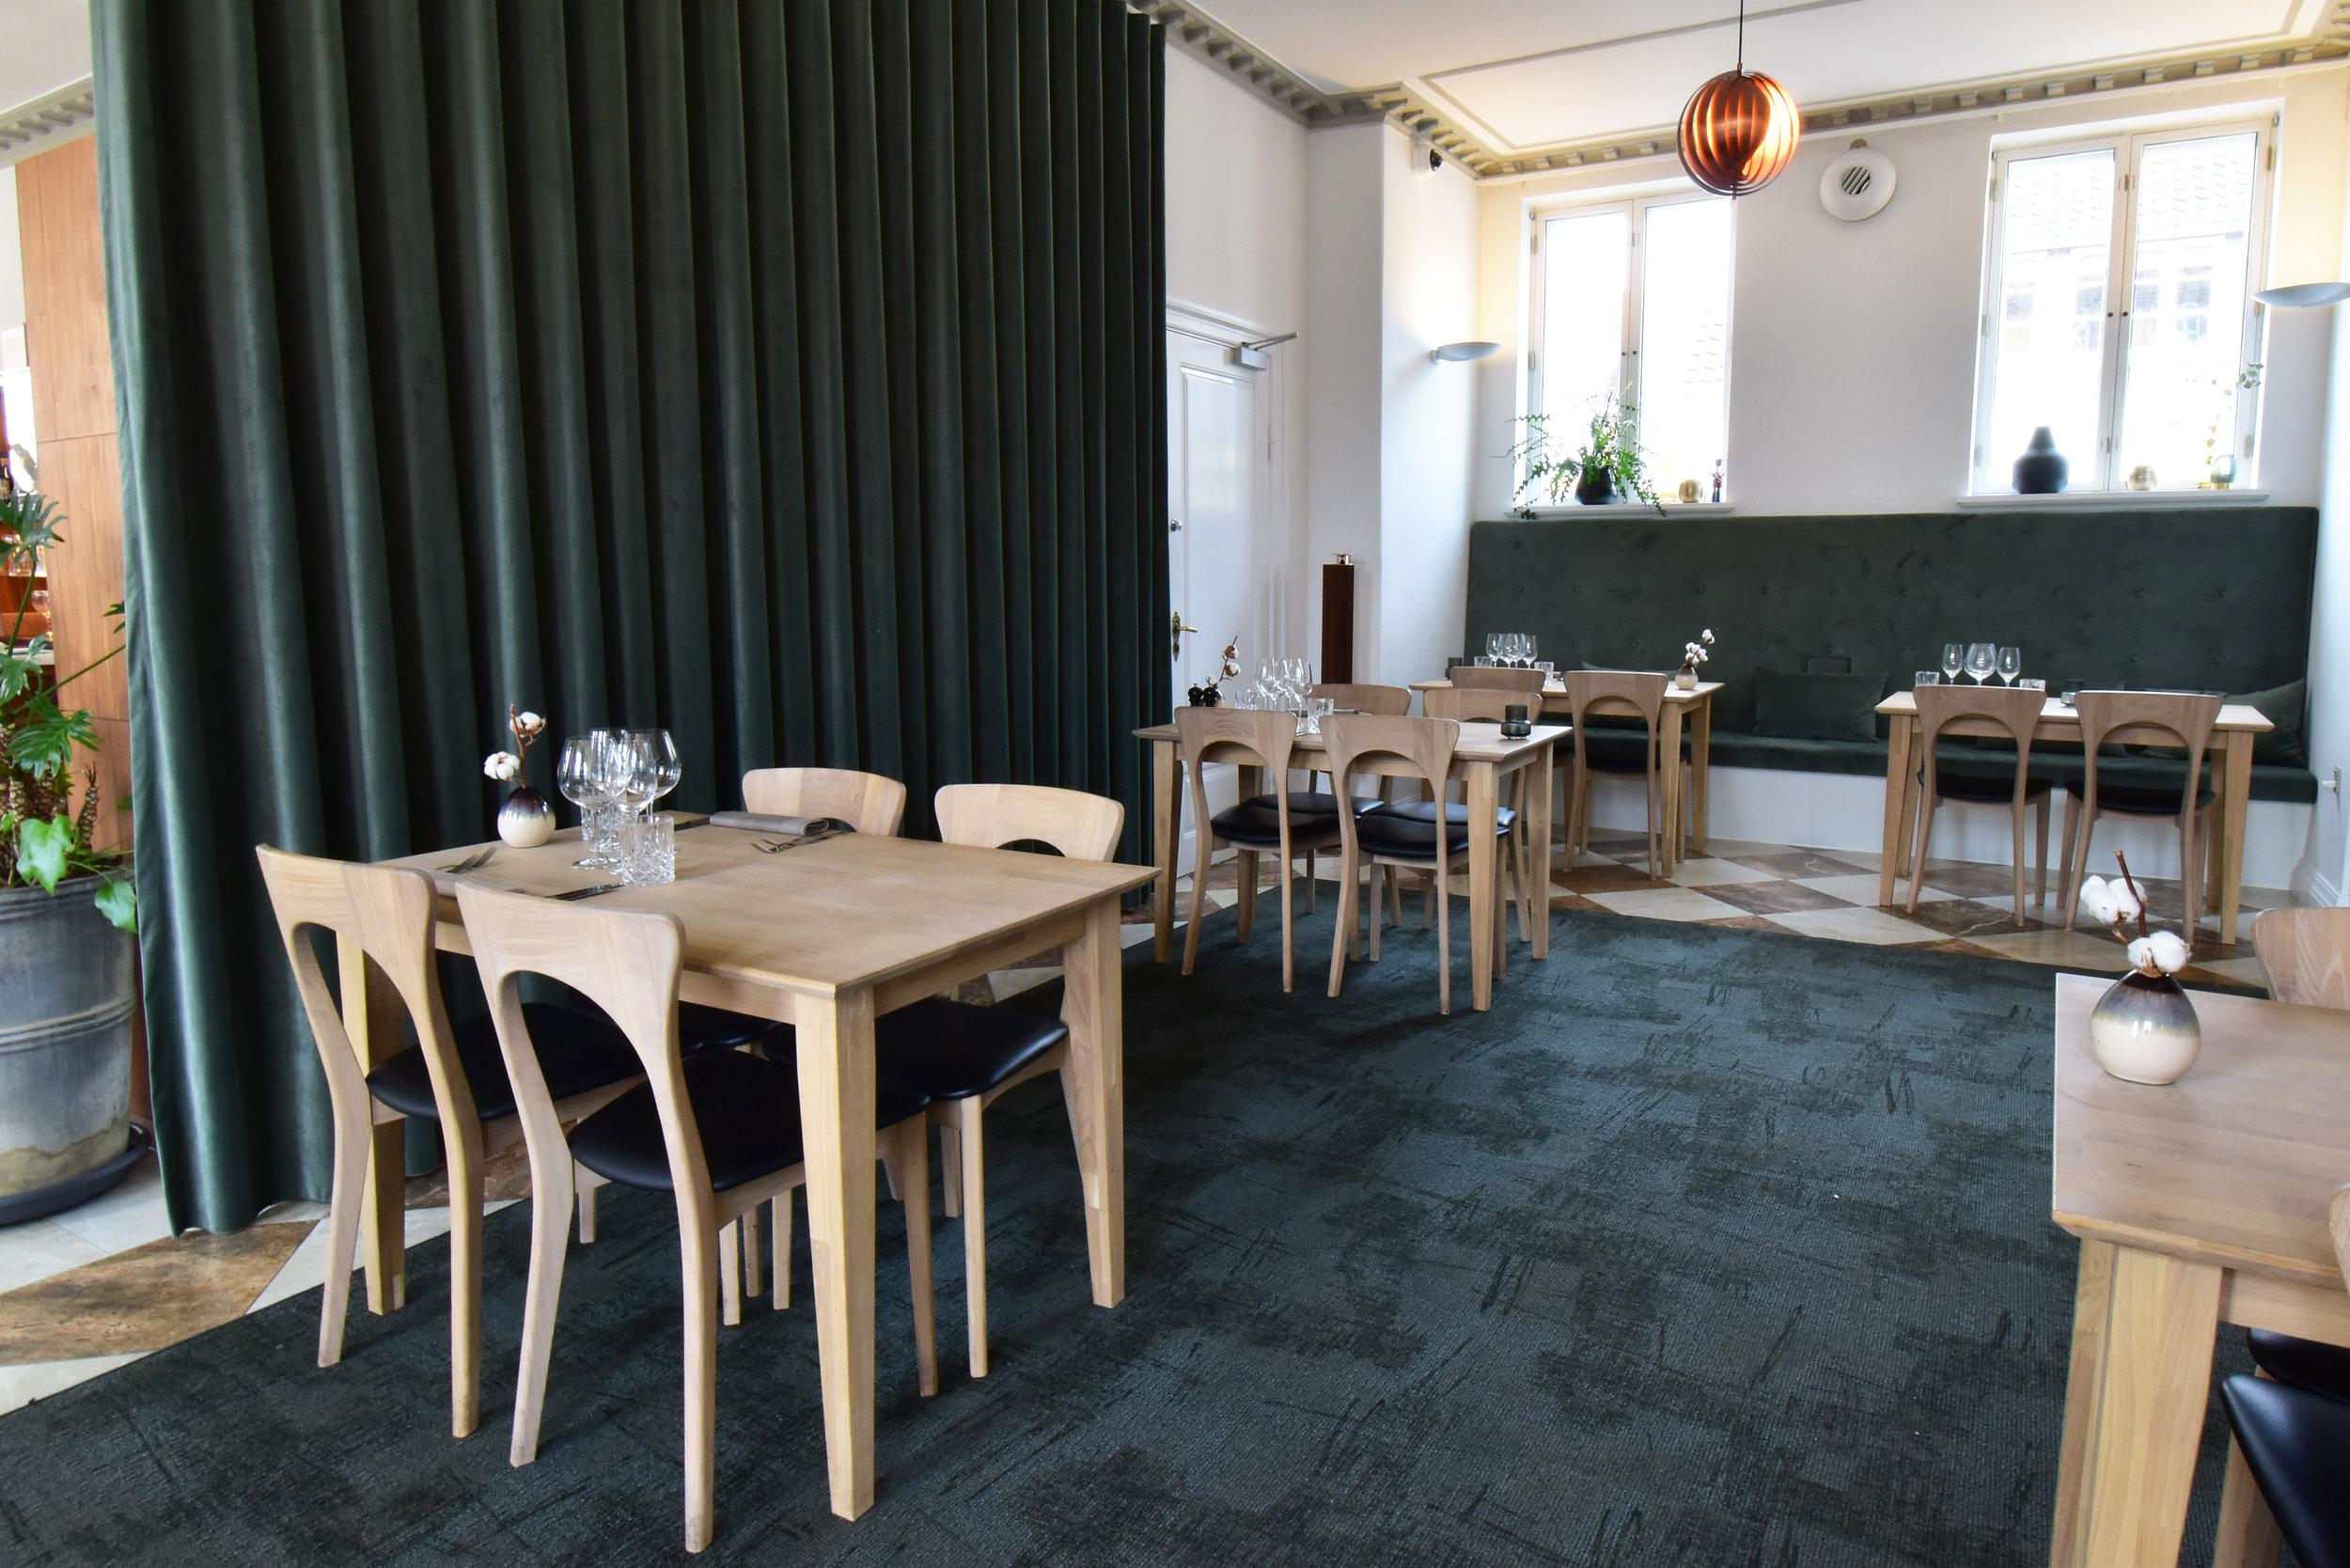 Restaurant Hjejlen_09.jpg